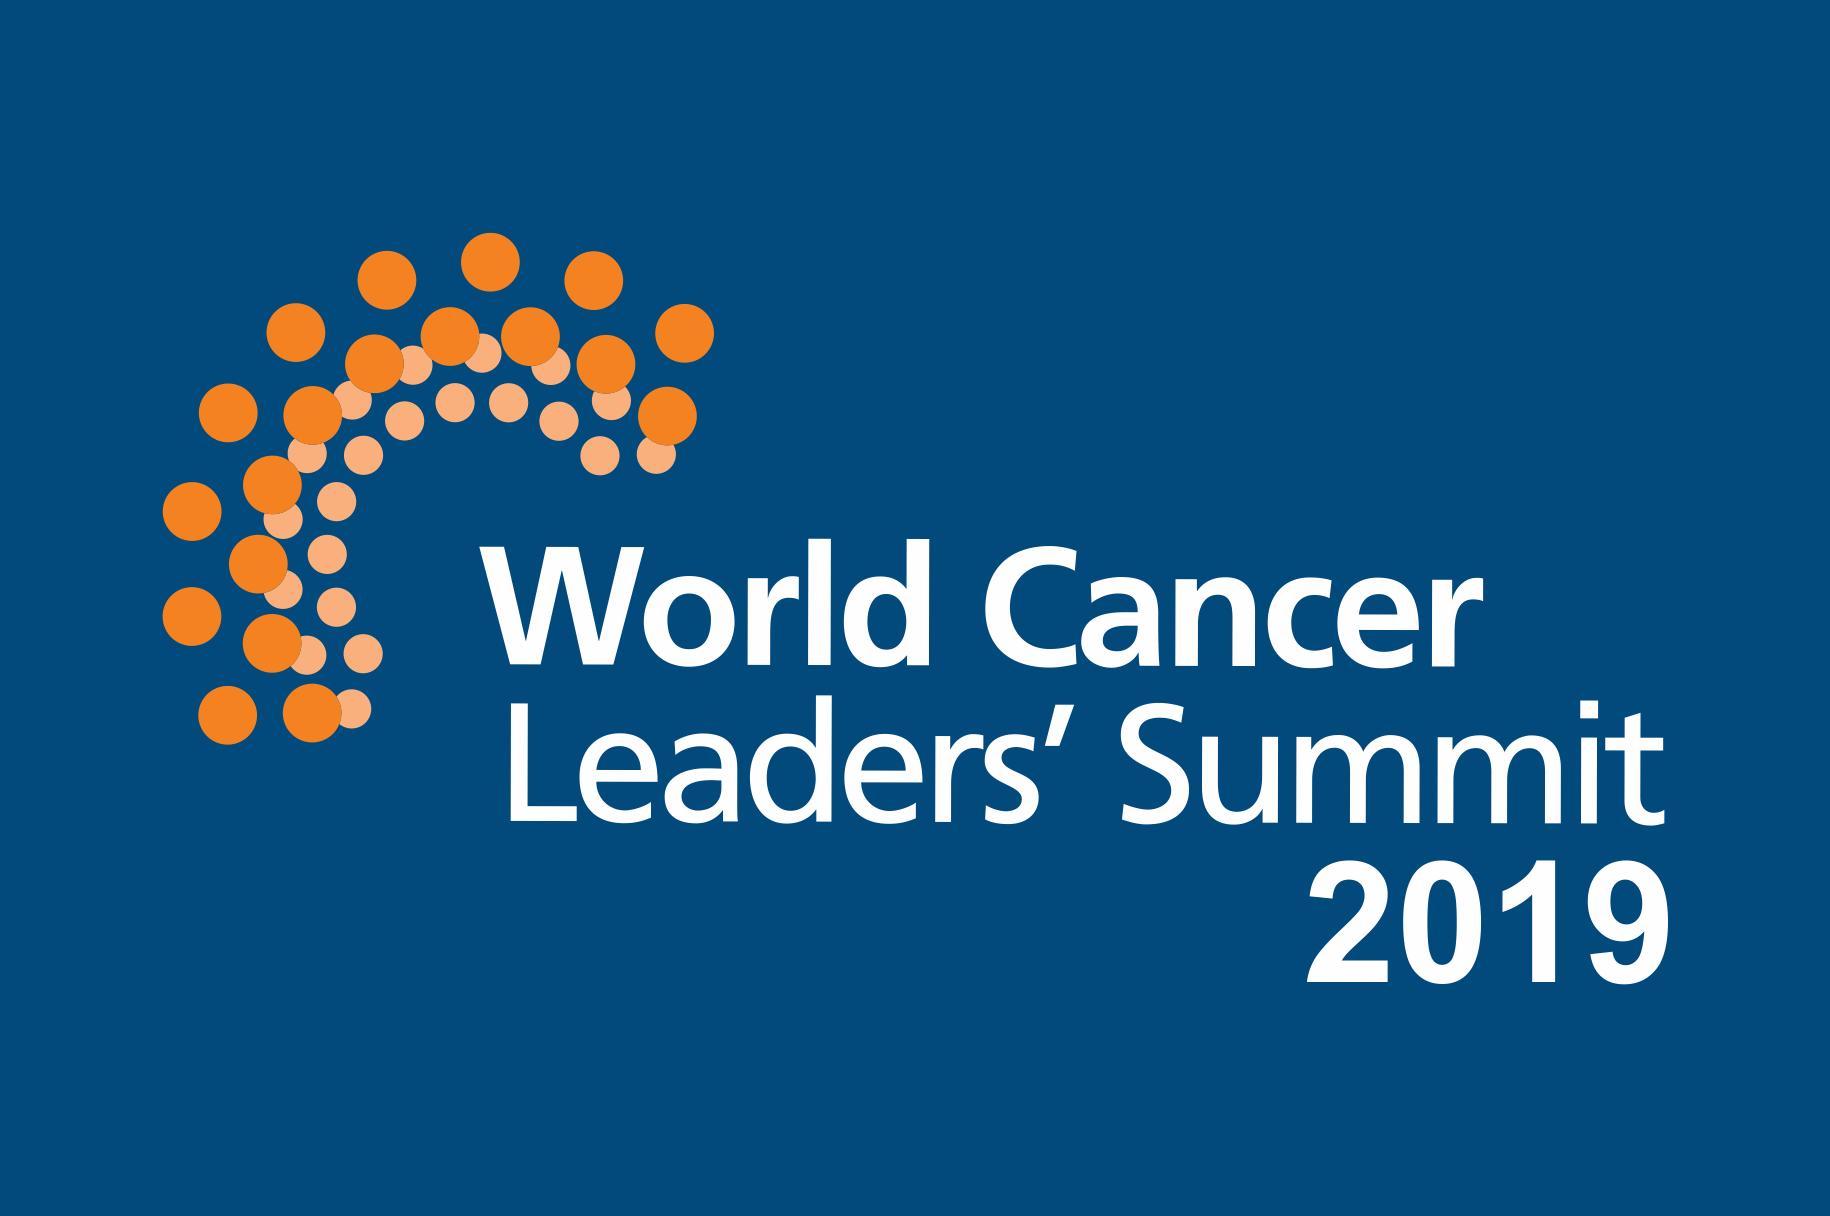 Participamos en la Cumbre Mundial de Líderes contra el Cáncer 2019 en Nur-Sultán, capital de Kazajistán